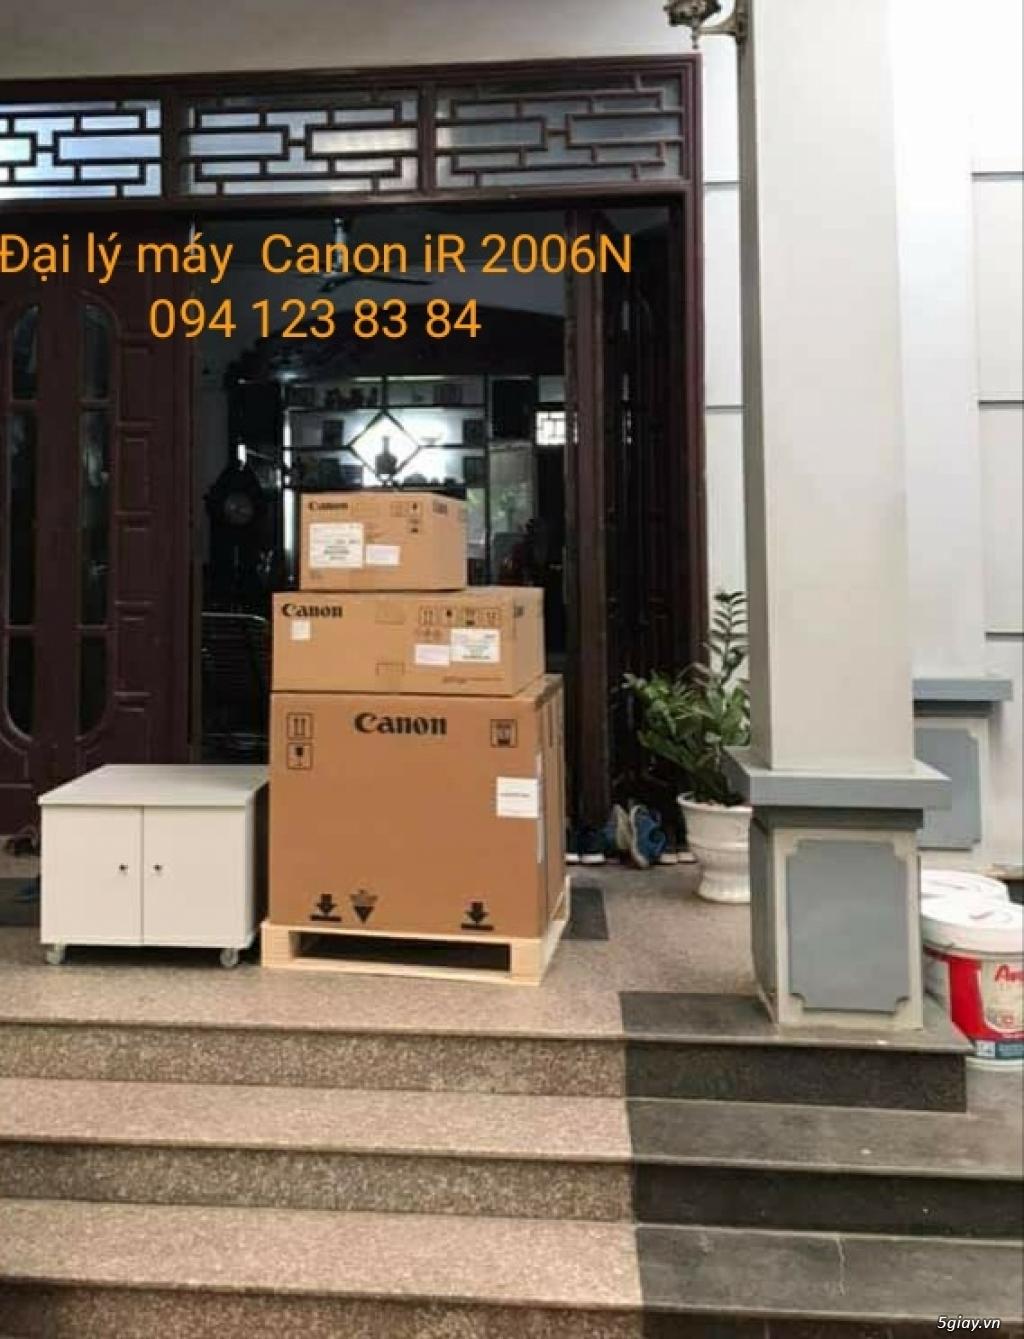 Trọn bộ máy photocopy Canon iR2006N (Máy+DADF+C1+Chân kê)